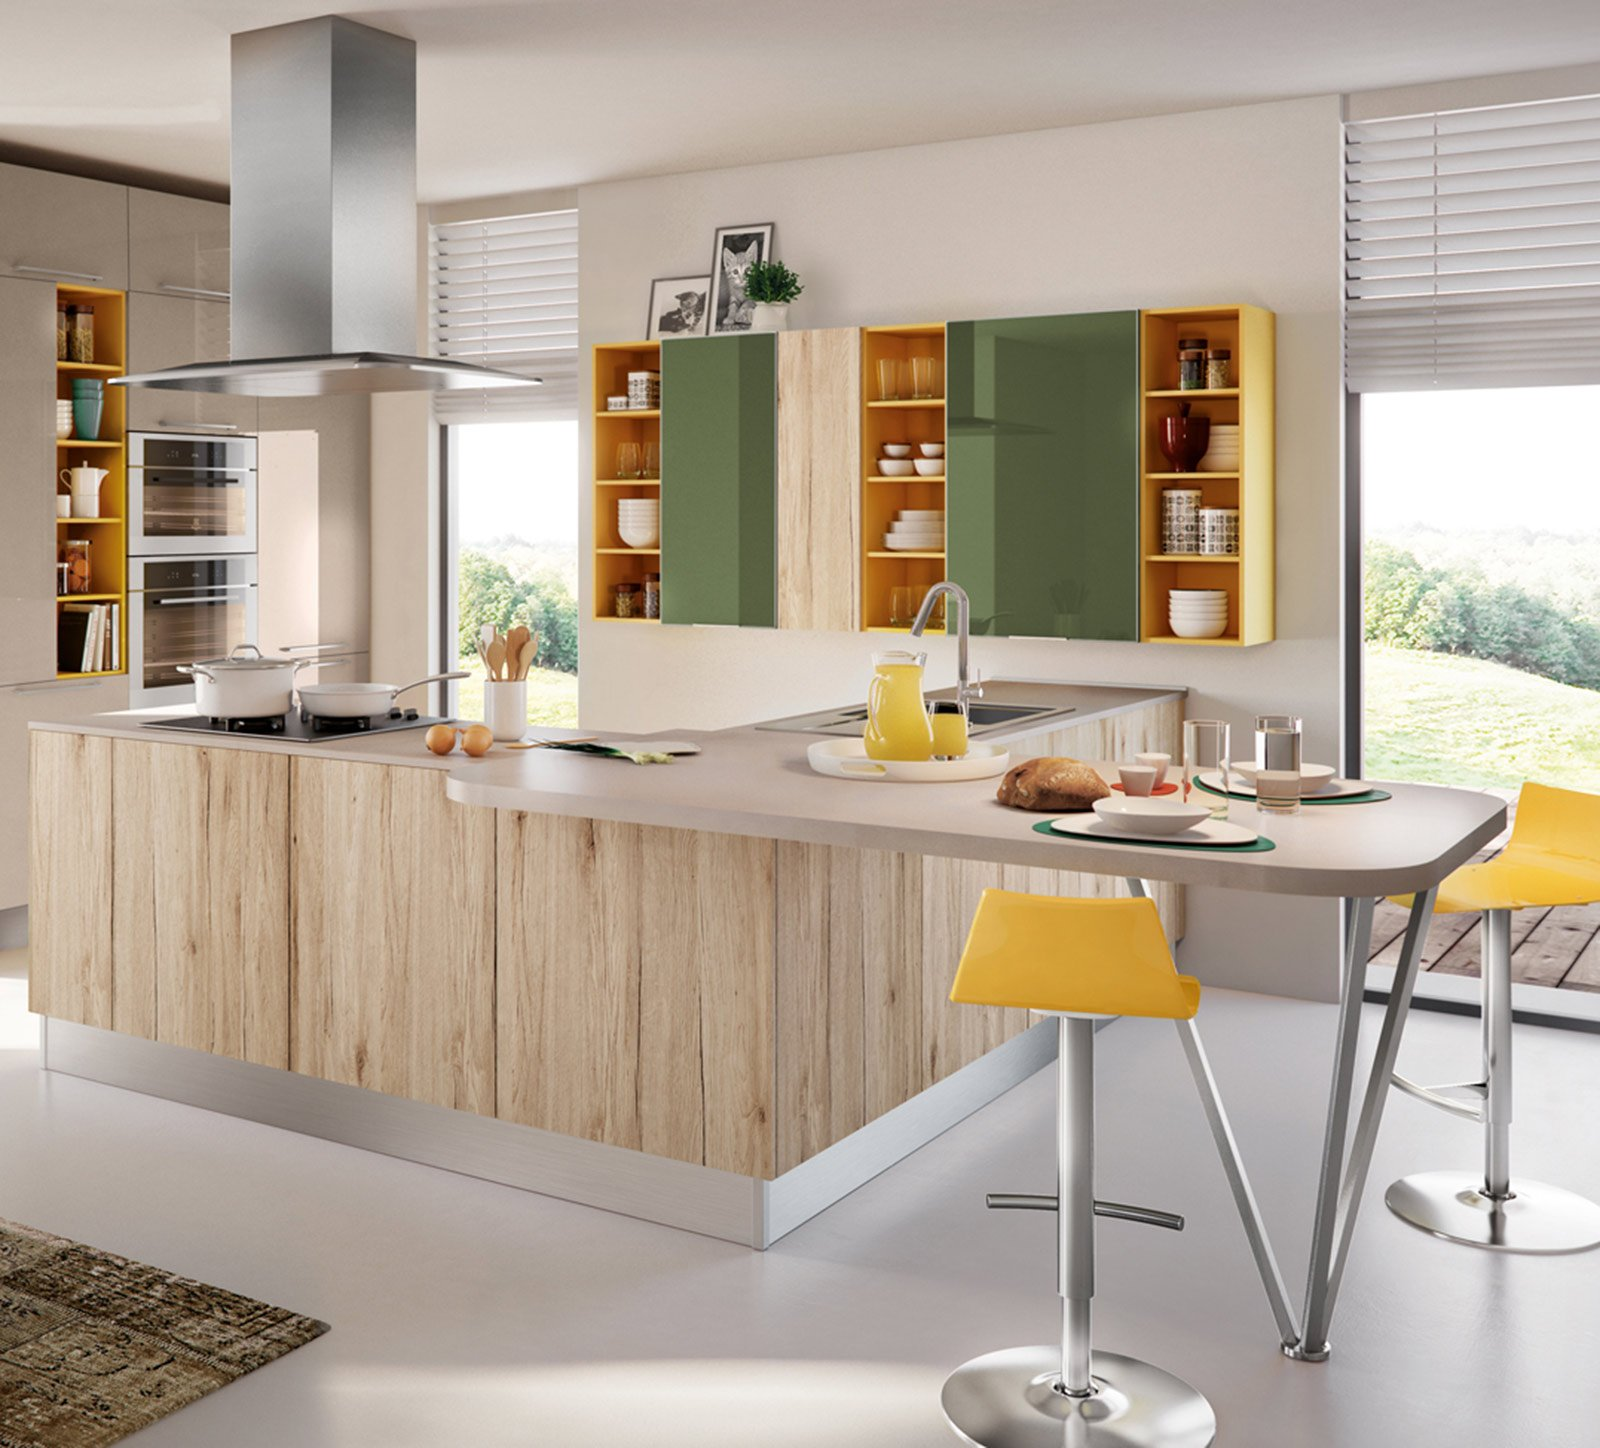 Colori pittura cucina fabulous colori delle pareti del soggiorno with vernice lavabile cucina - Vernici lavabili per cucina ...